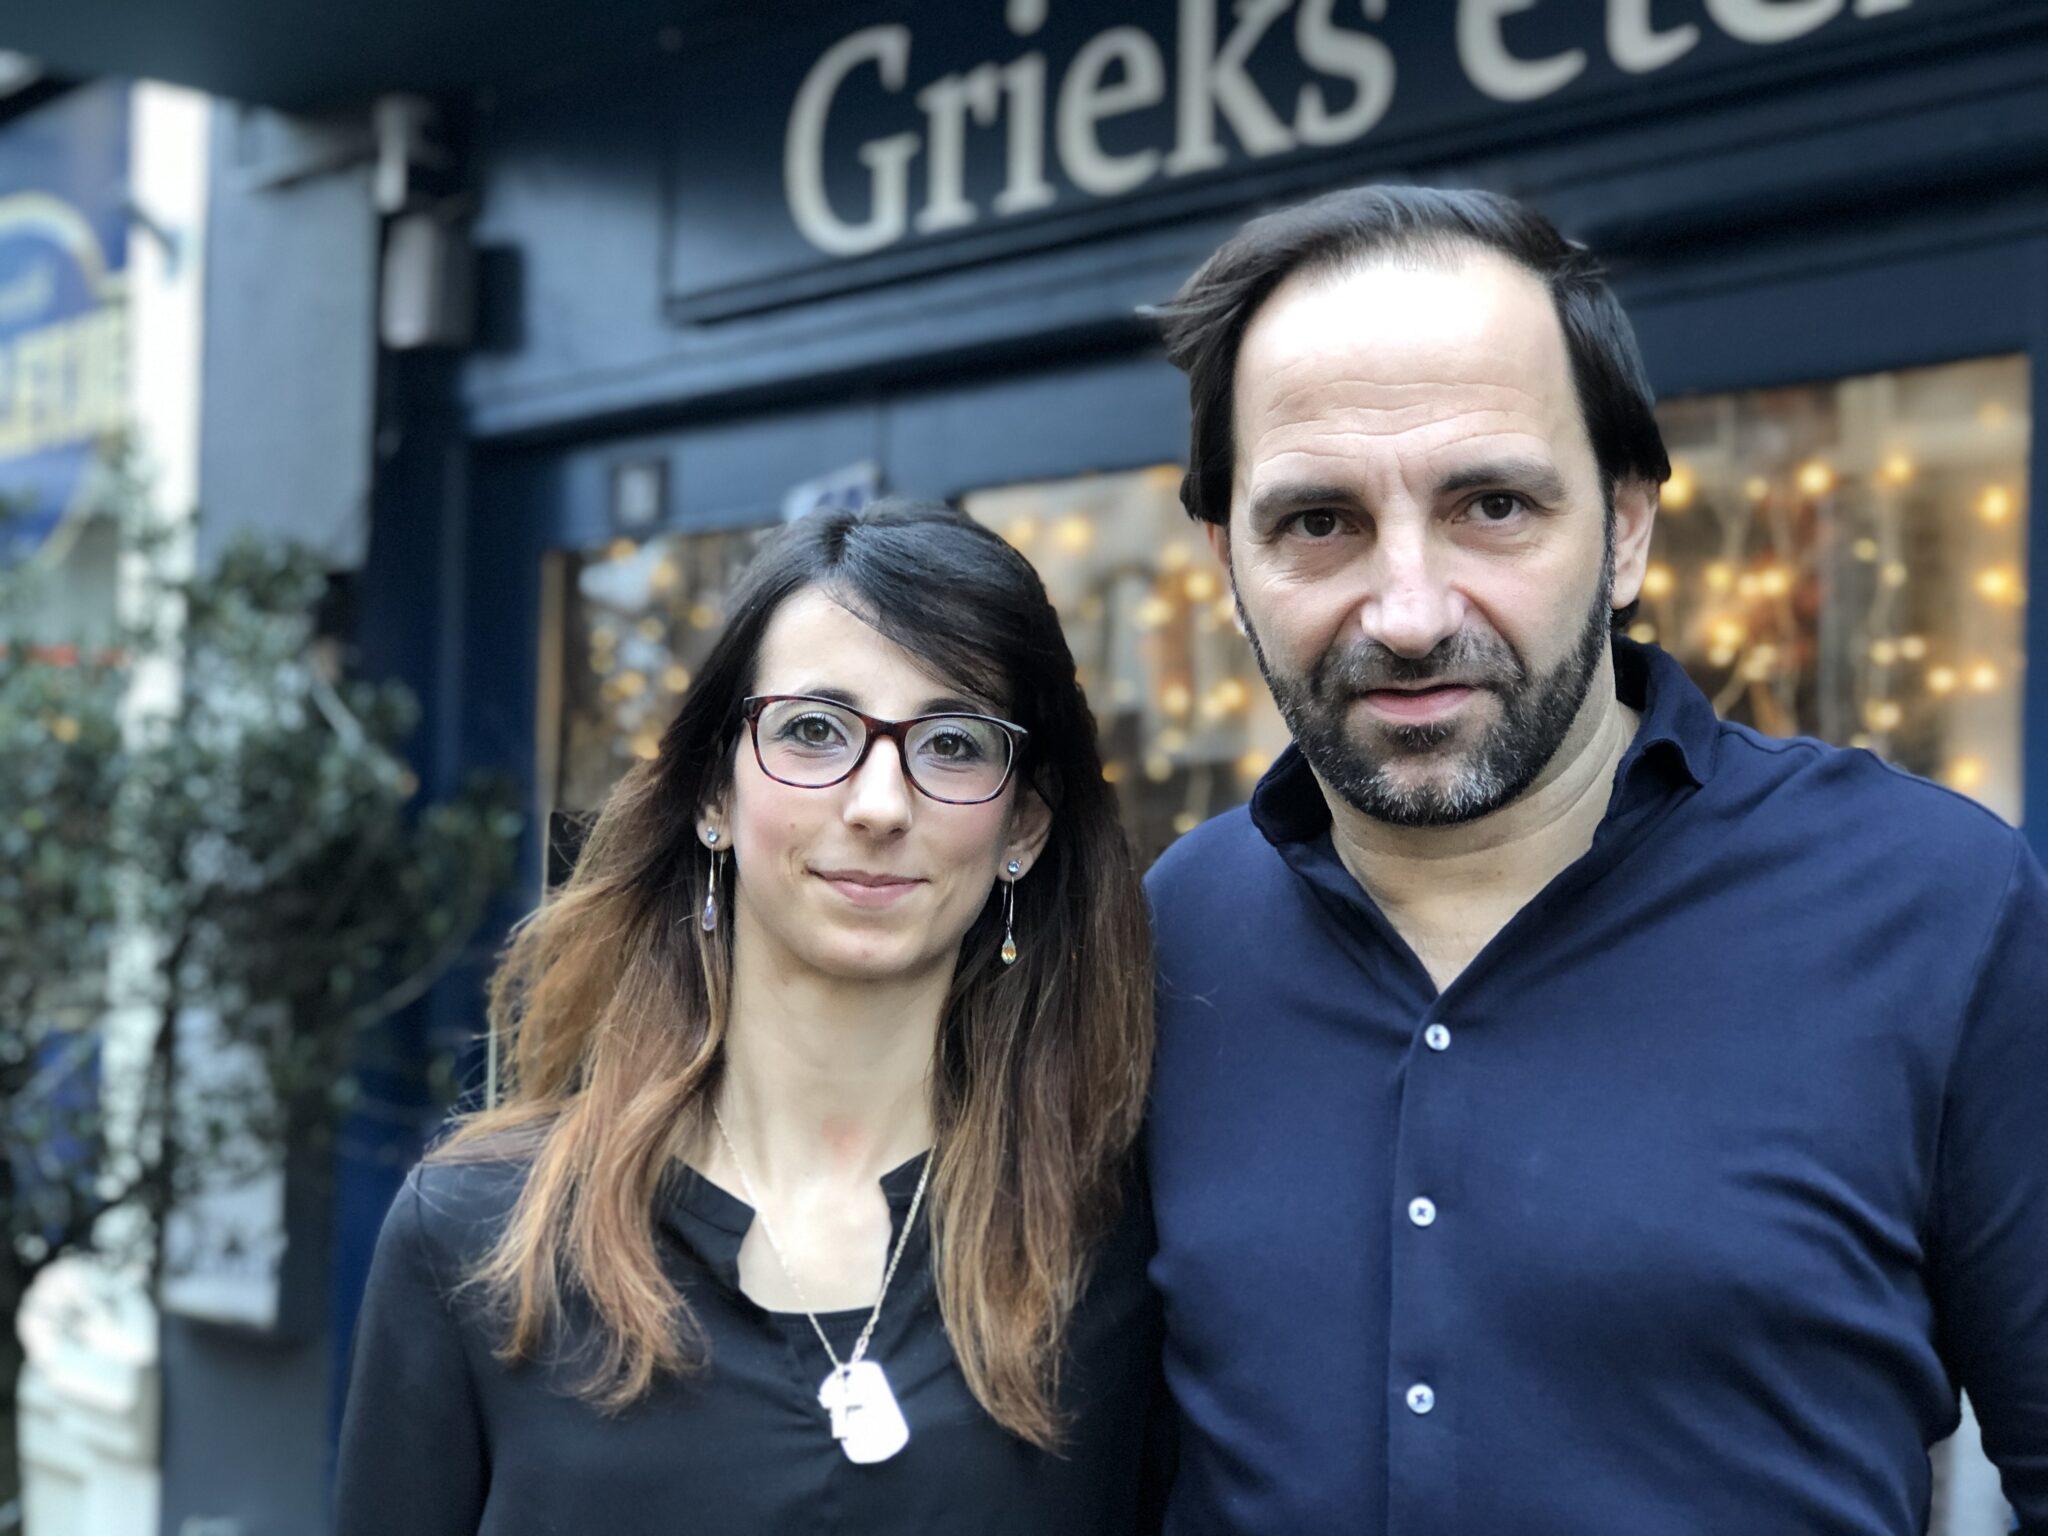 De Griek Gouda